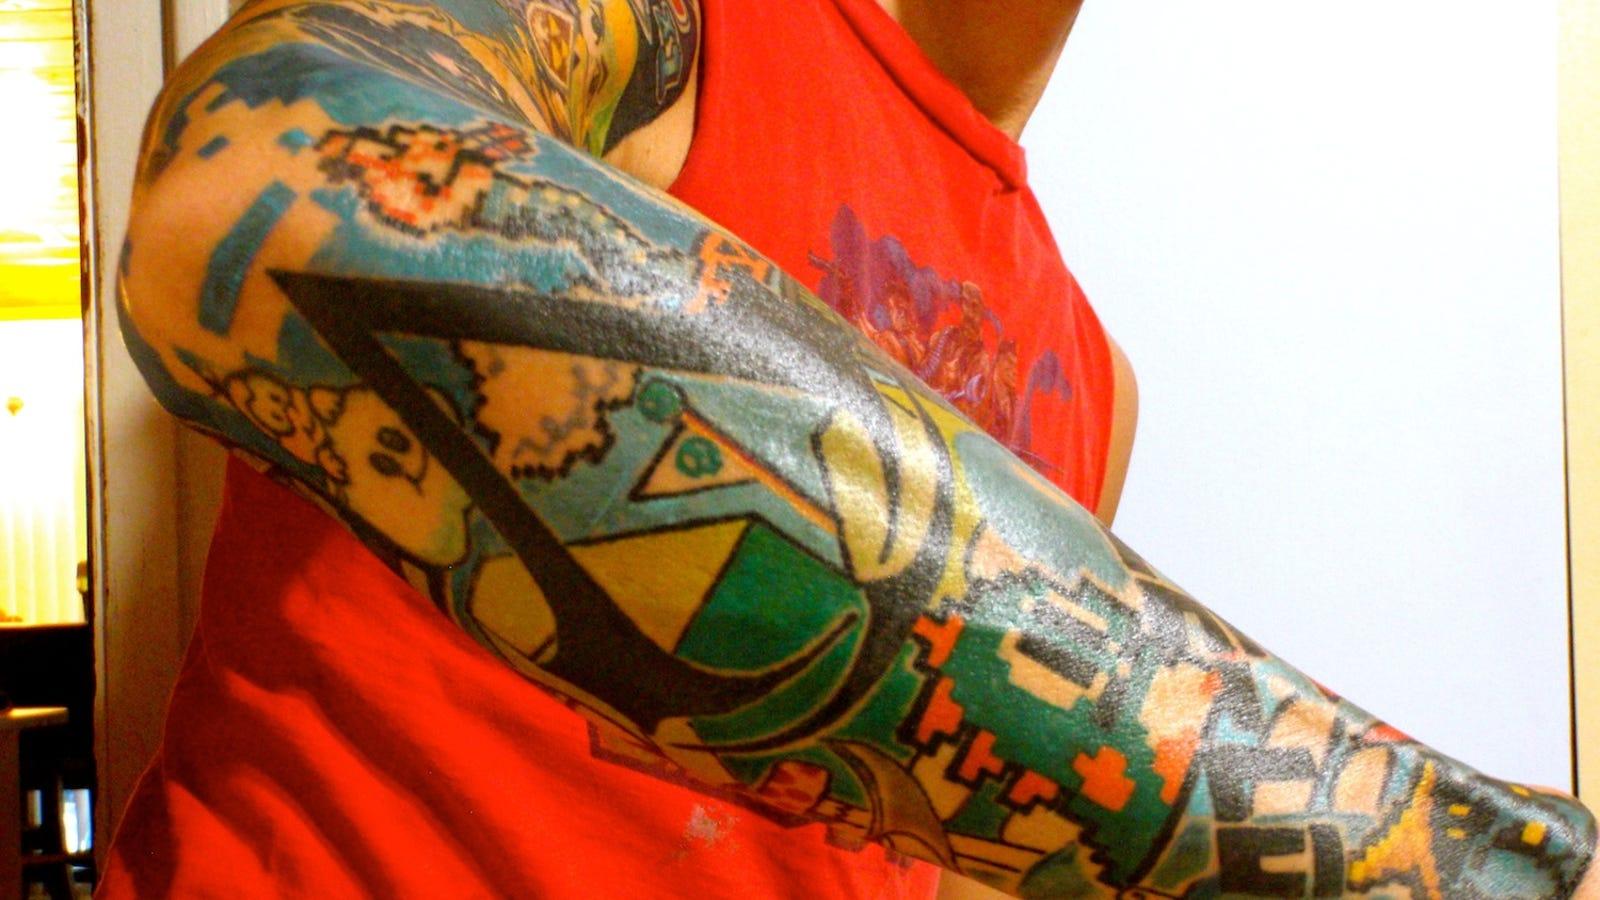 Tattoo Free Games